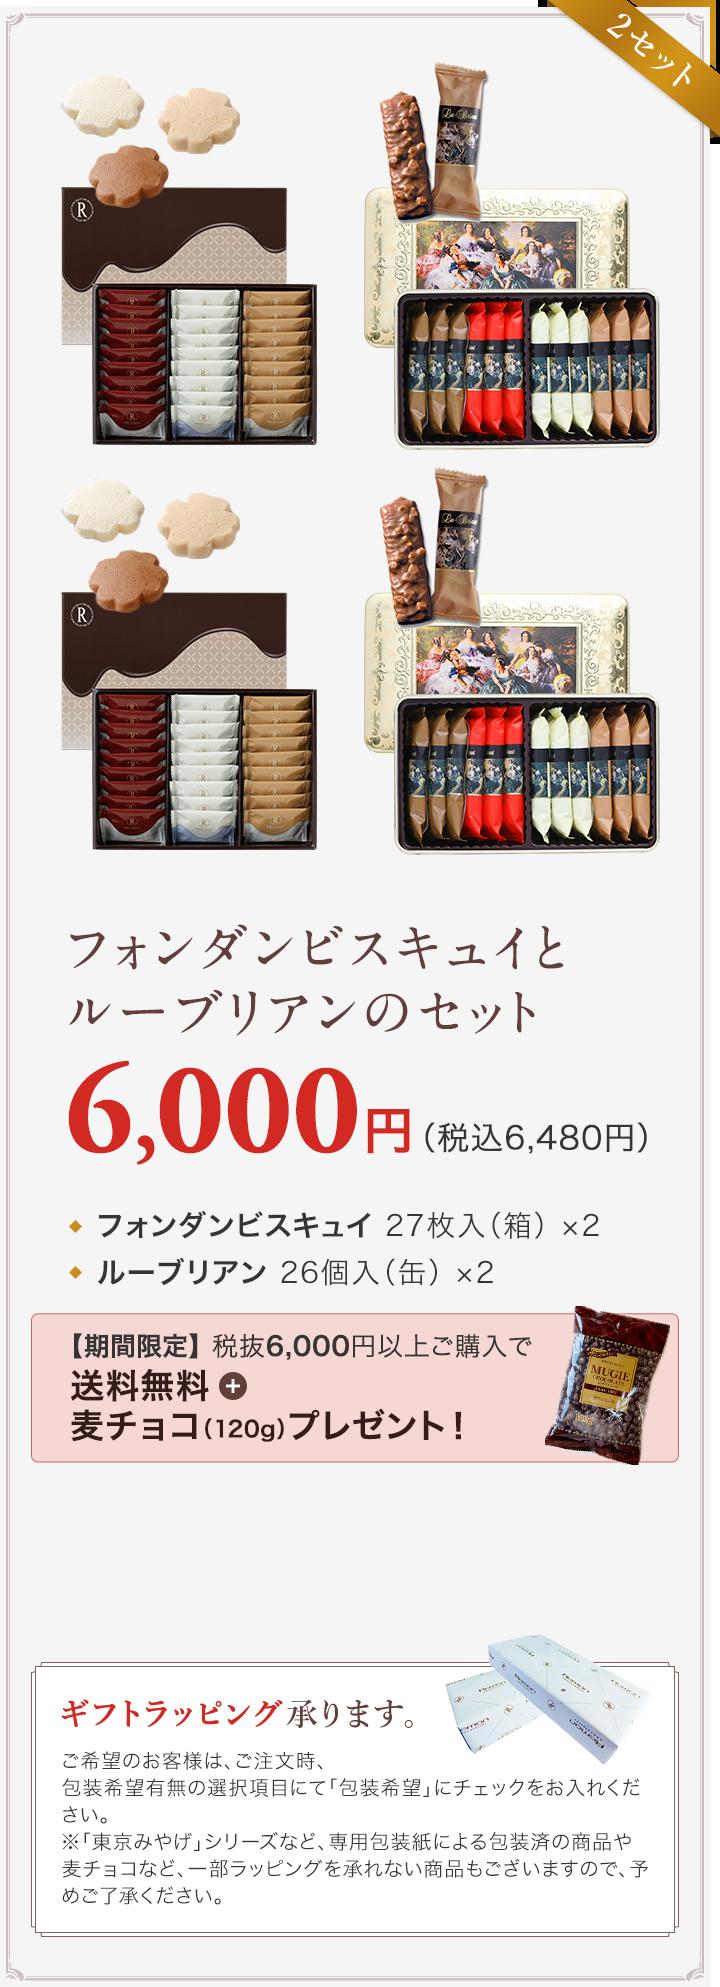 フォンダンビスキュイとルーブリアンのセット 6,000円(税込6,480円) フォンダンビスキュイ 27枚入(箱)×2 ルーブリアン 26個入(缶)×2 期間限定 送料無料+麦チョコプレゼント! オンラインショップ限定ラッピング承ります。